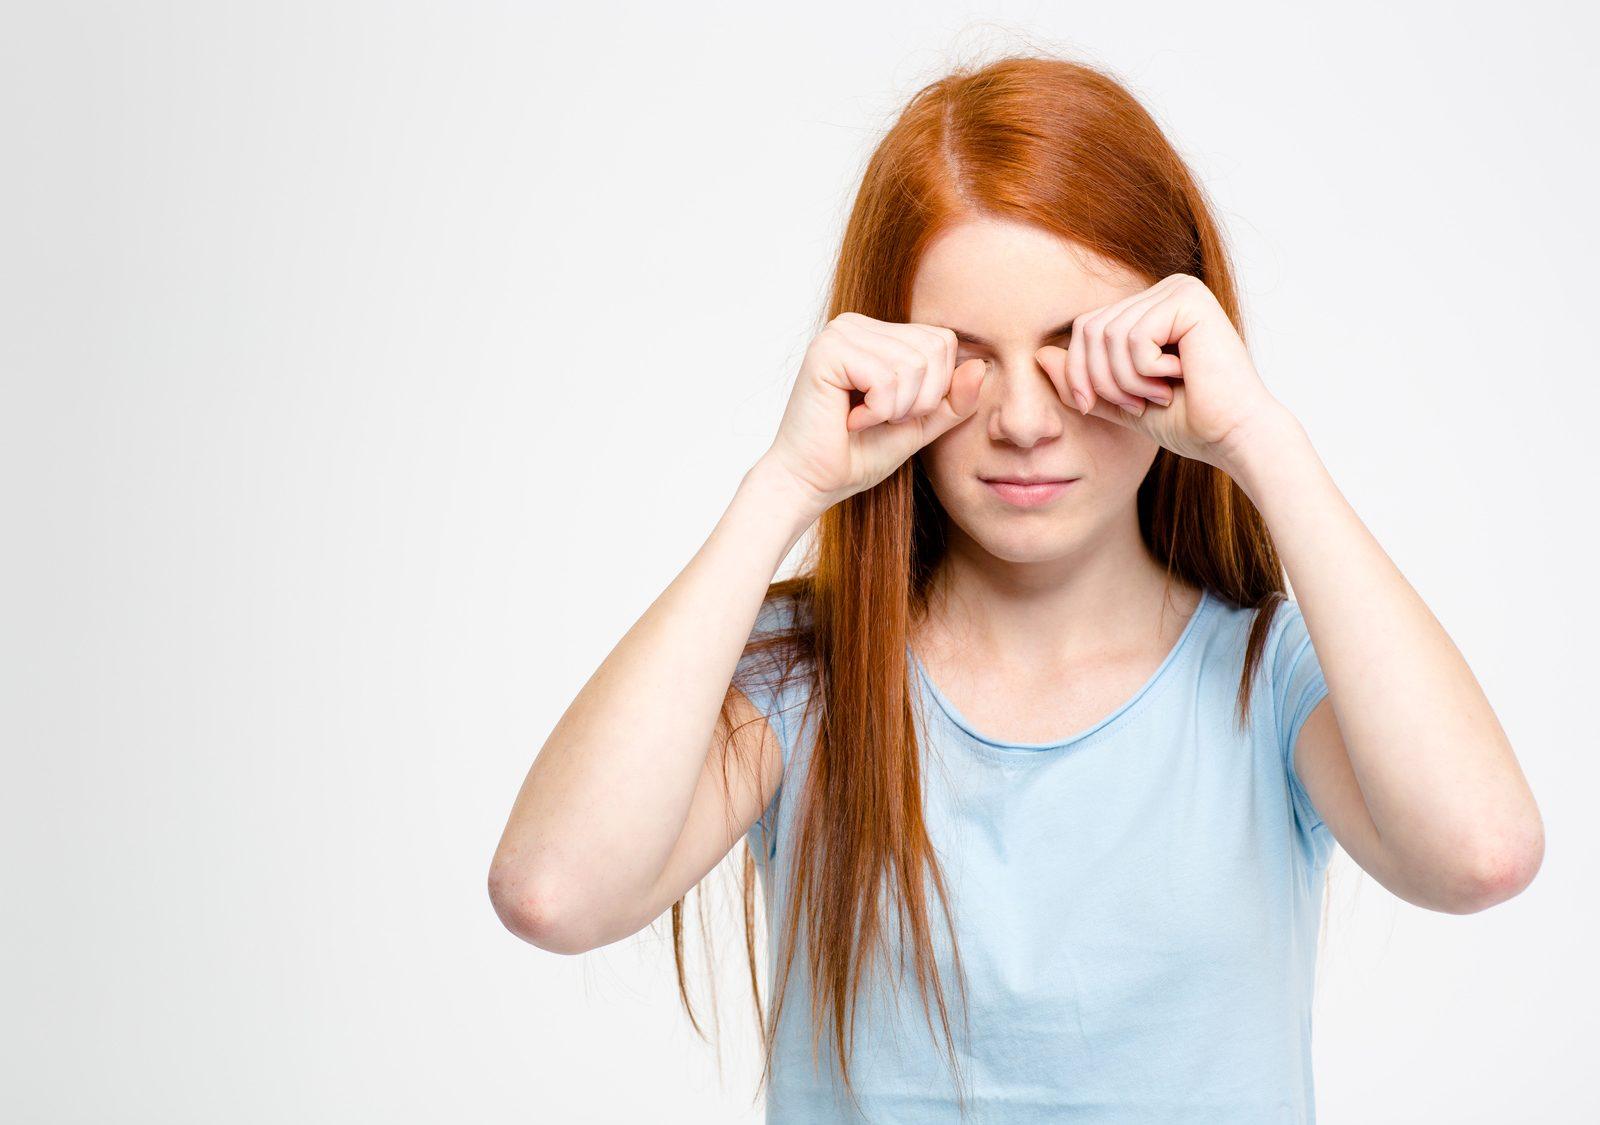 ゲッ!疲れ顔は老け顔一直線…40代必見のお疲れ顔脱却大作戦